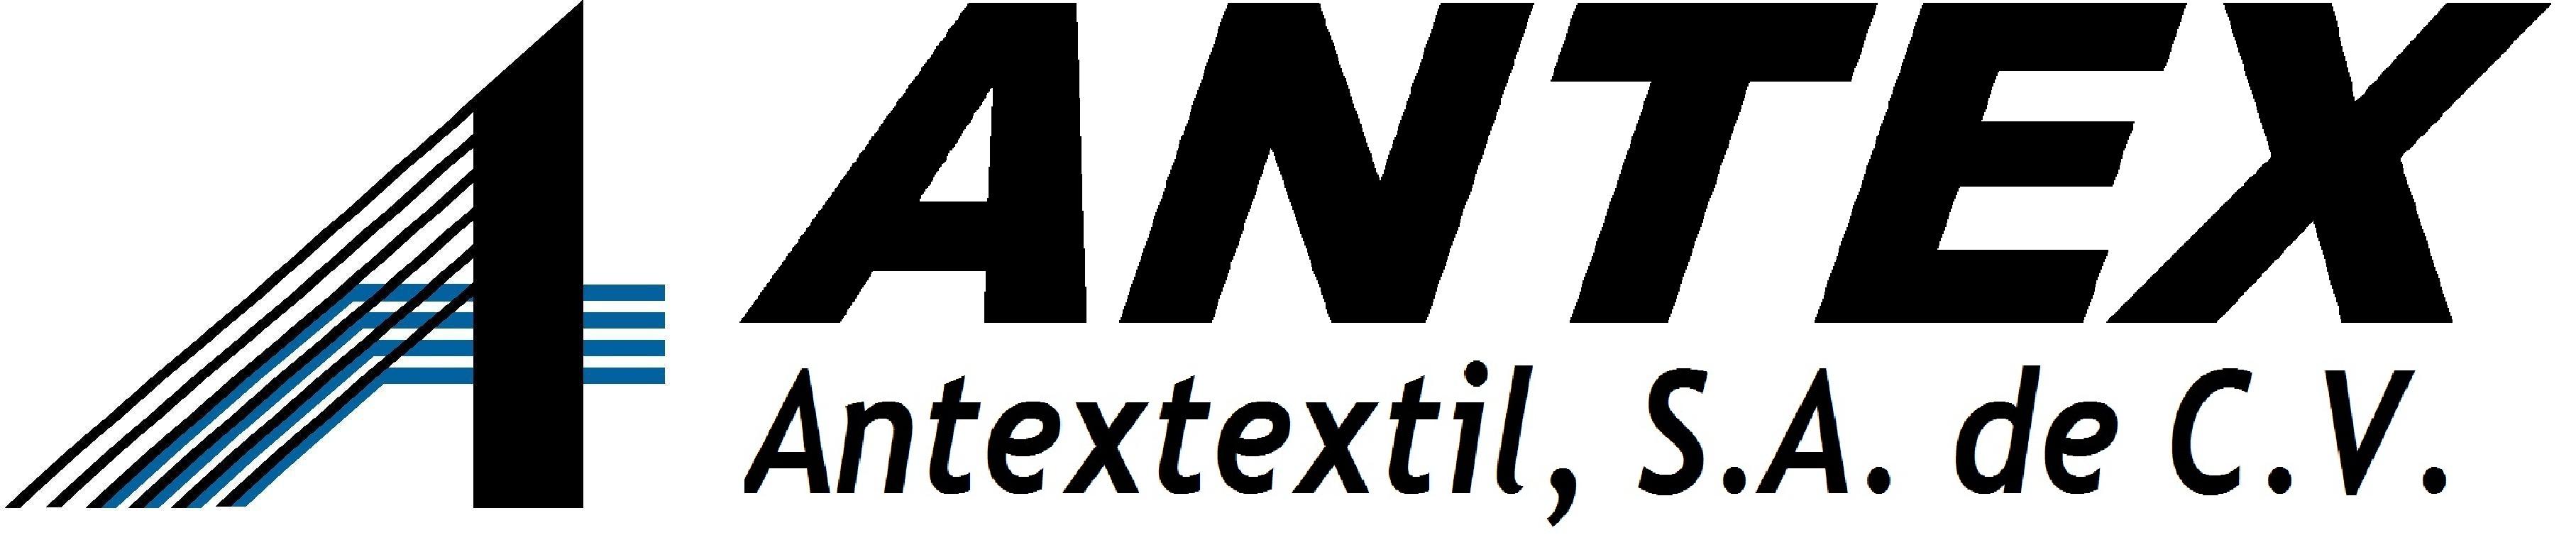 ANTEXTEXTIL